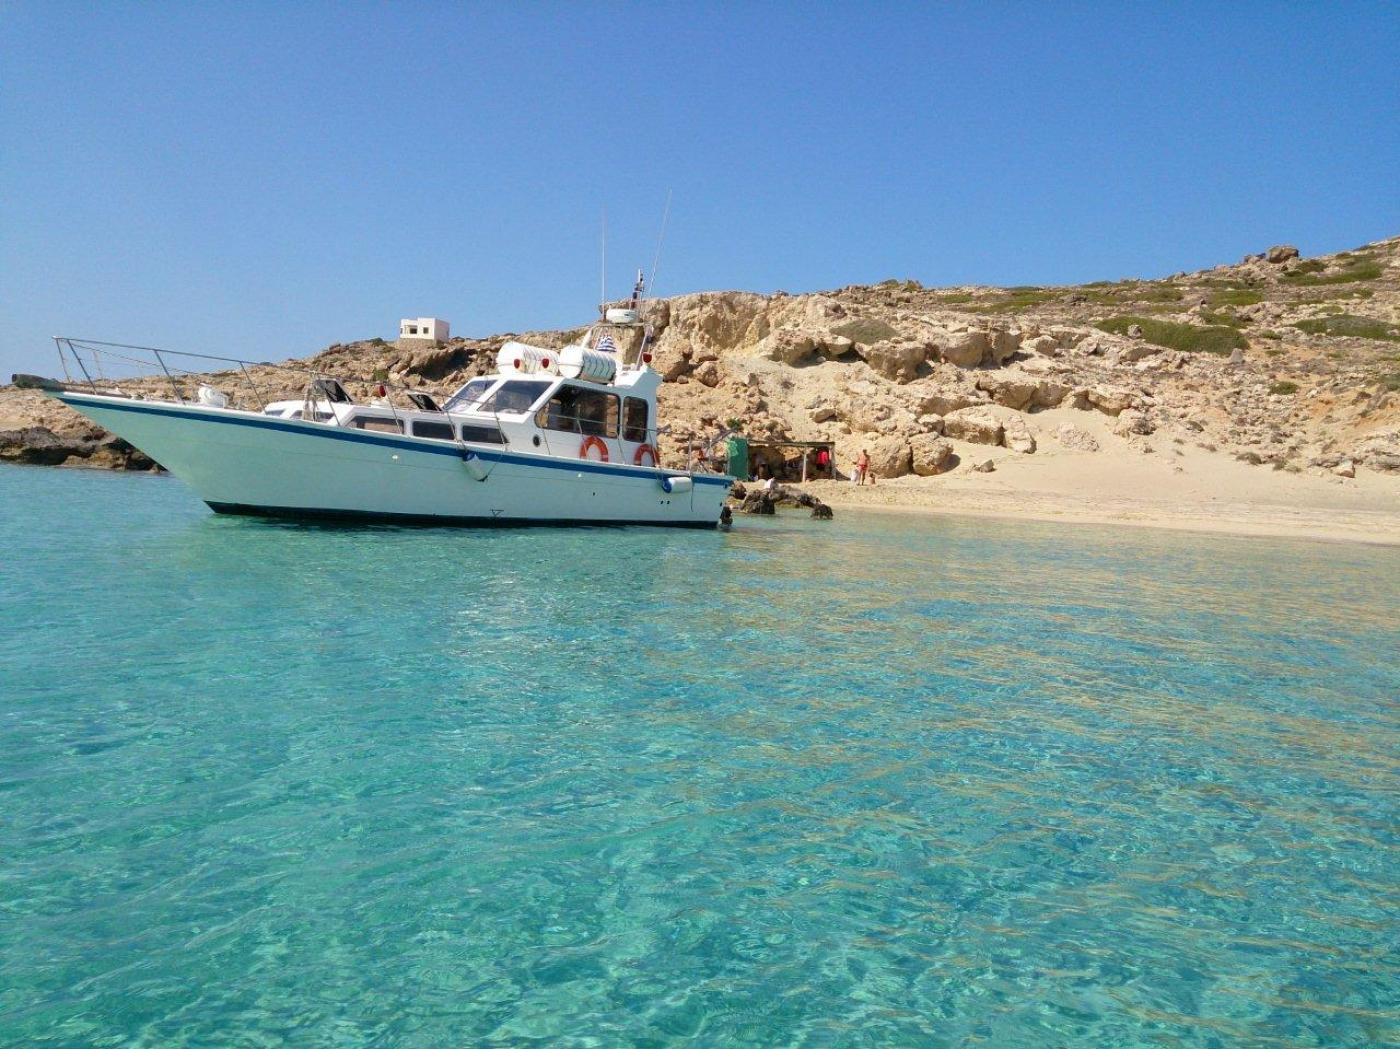 Athina boat photo 02